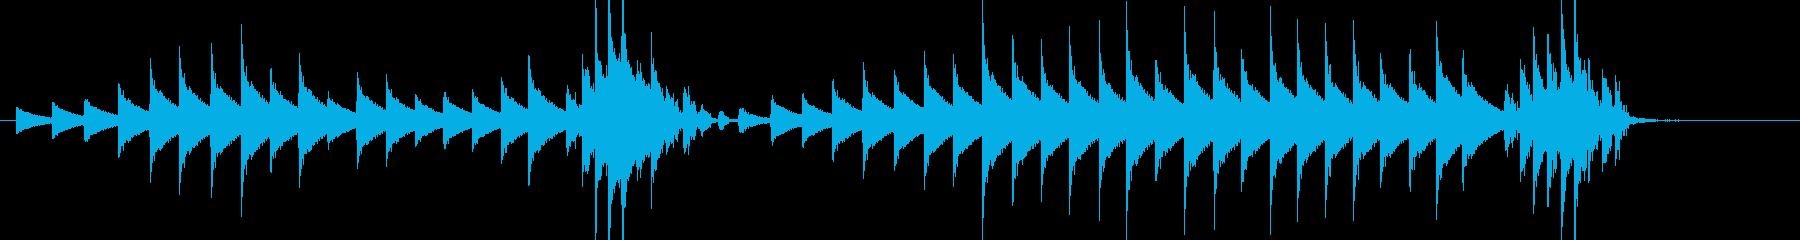 大太鼓37雪音早なだれ歌舞伎情景描写和風の再生済みの波形